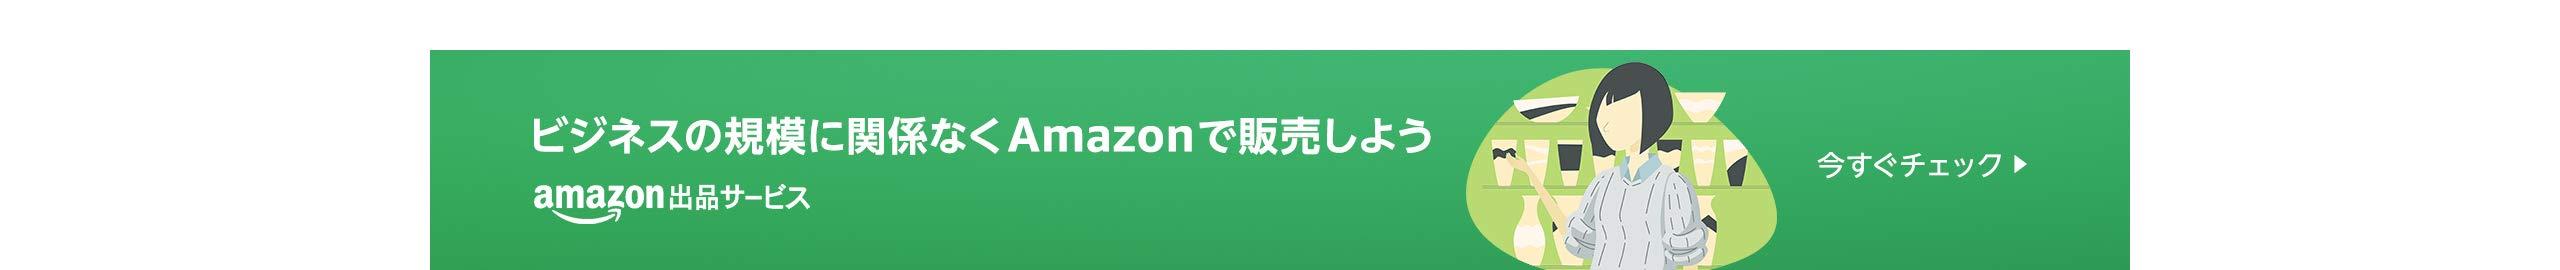 SellOnAmazon